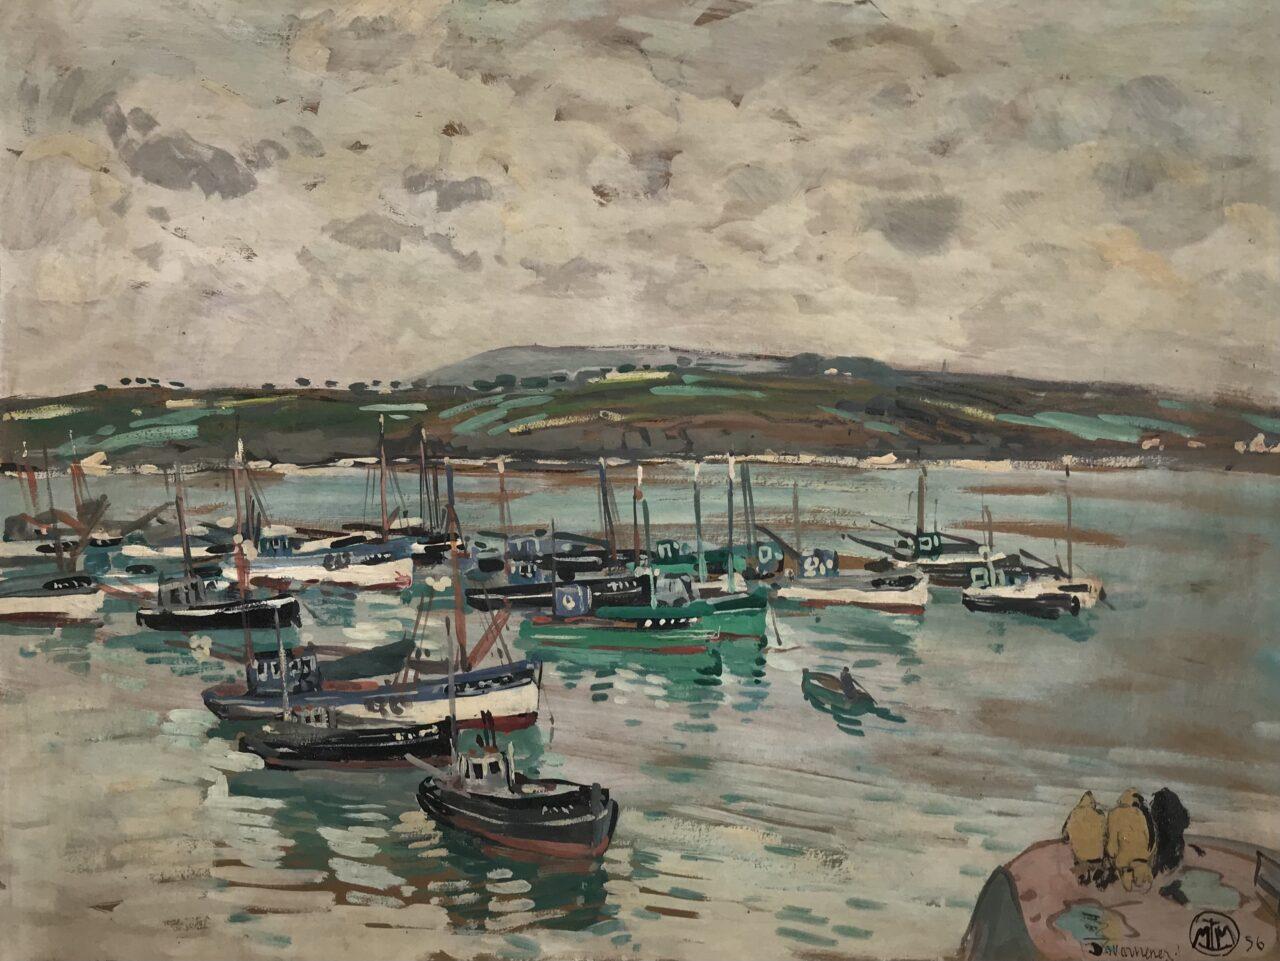 Mathurin Meheut (1882-1958) - Bateaux de pêche au mouillage